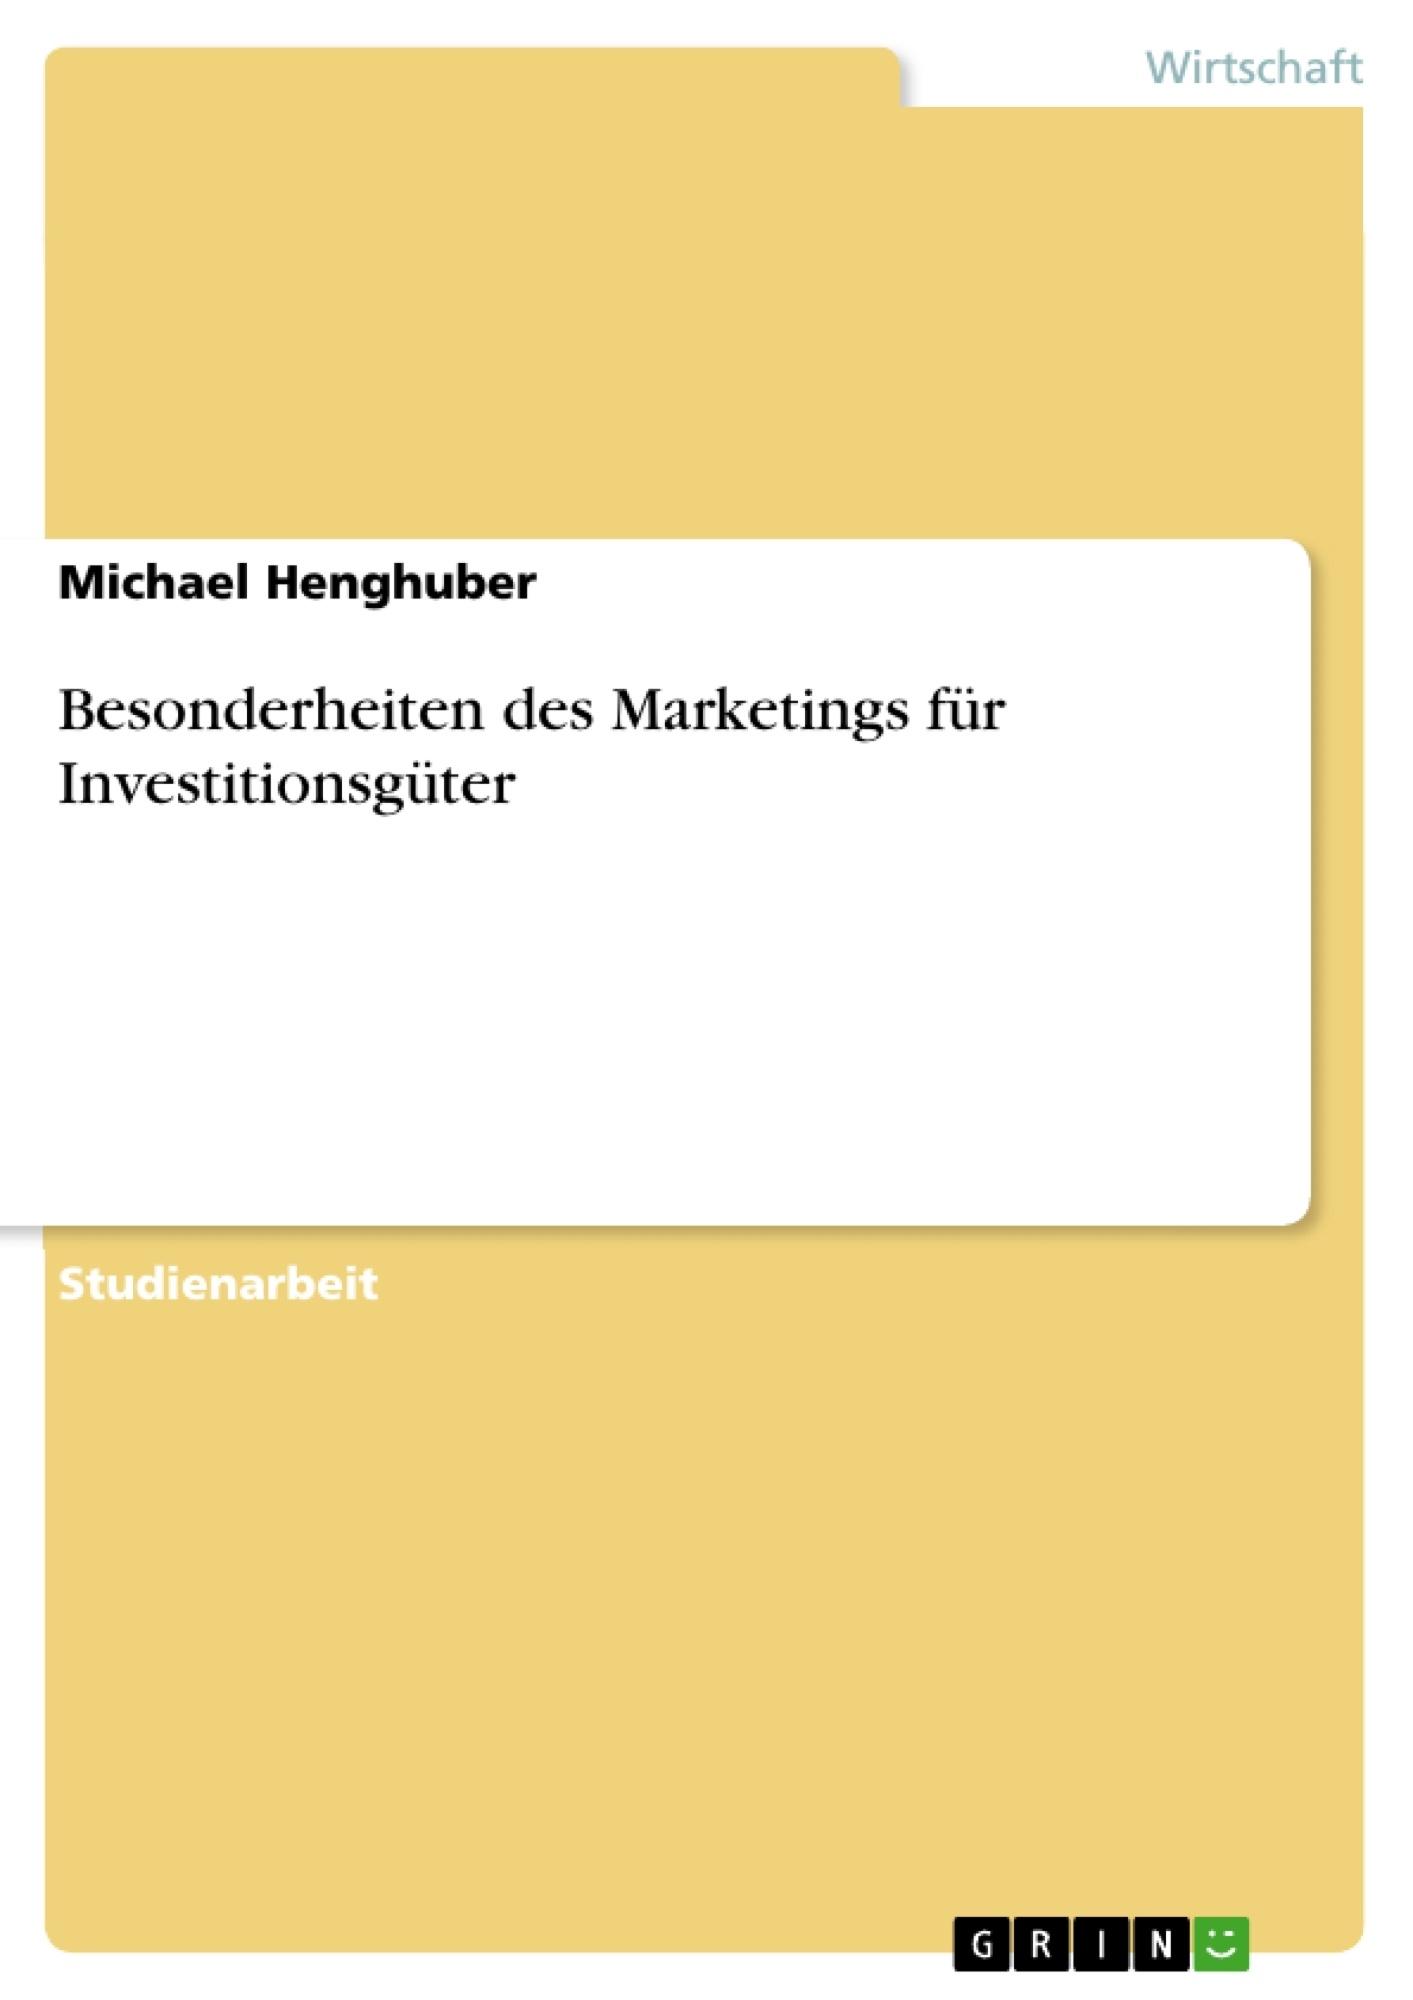 Titel: Besonderheiten des Marketings für Investitionsgüter